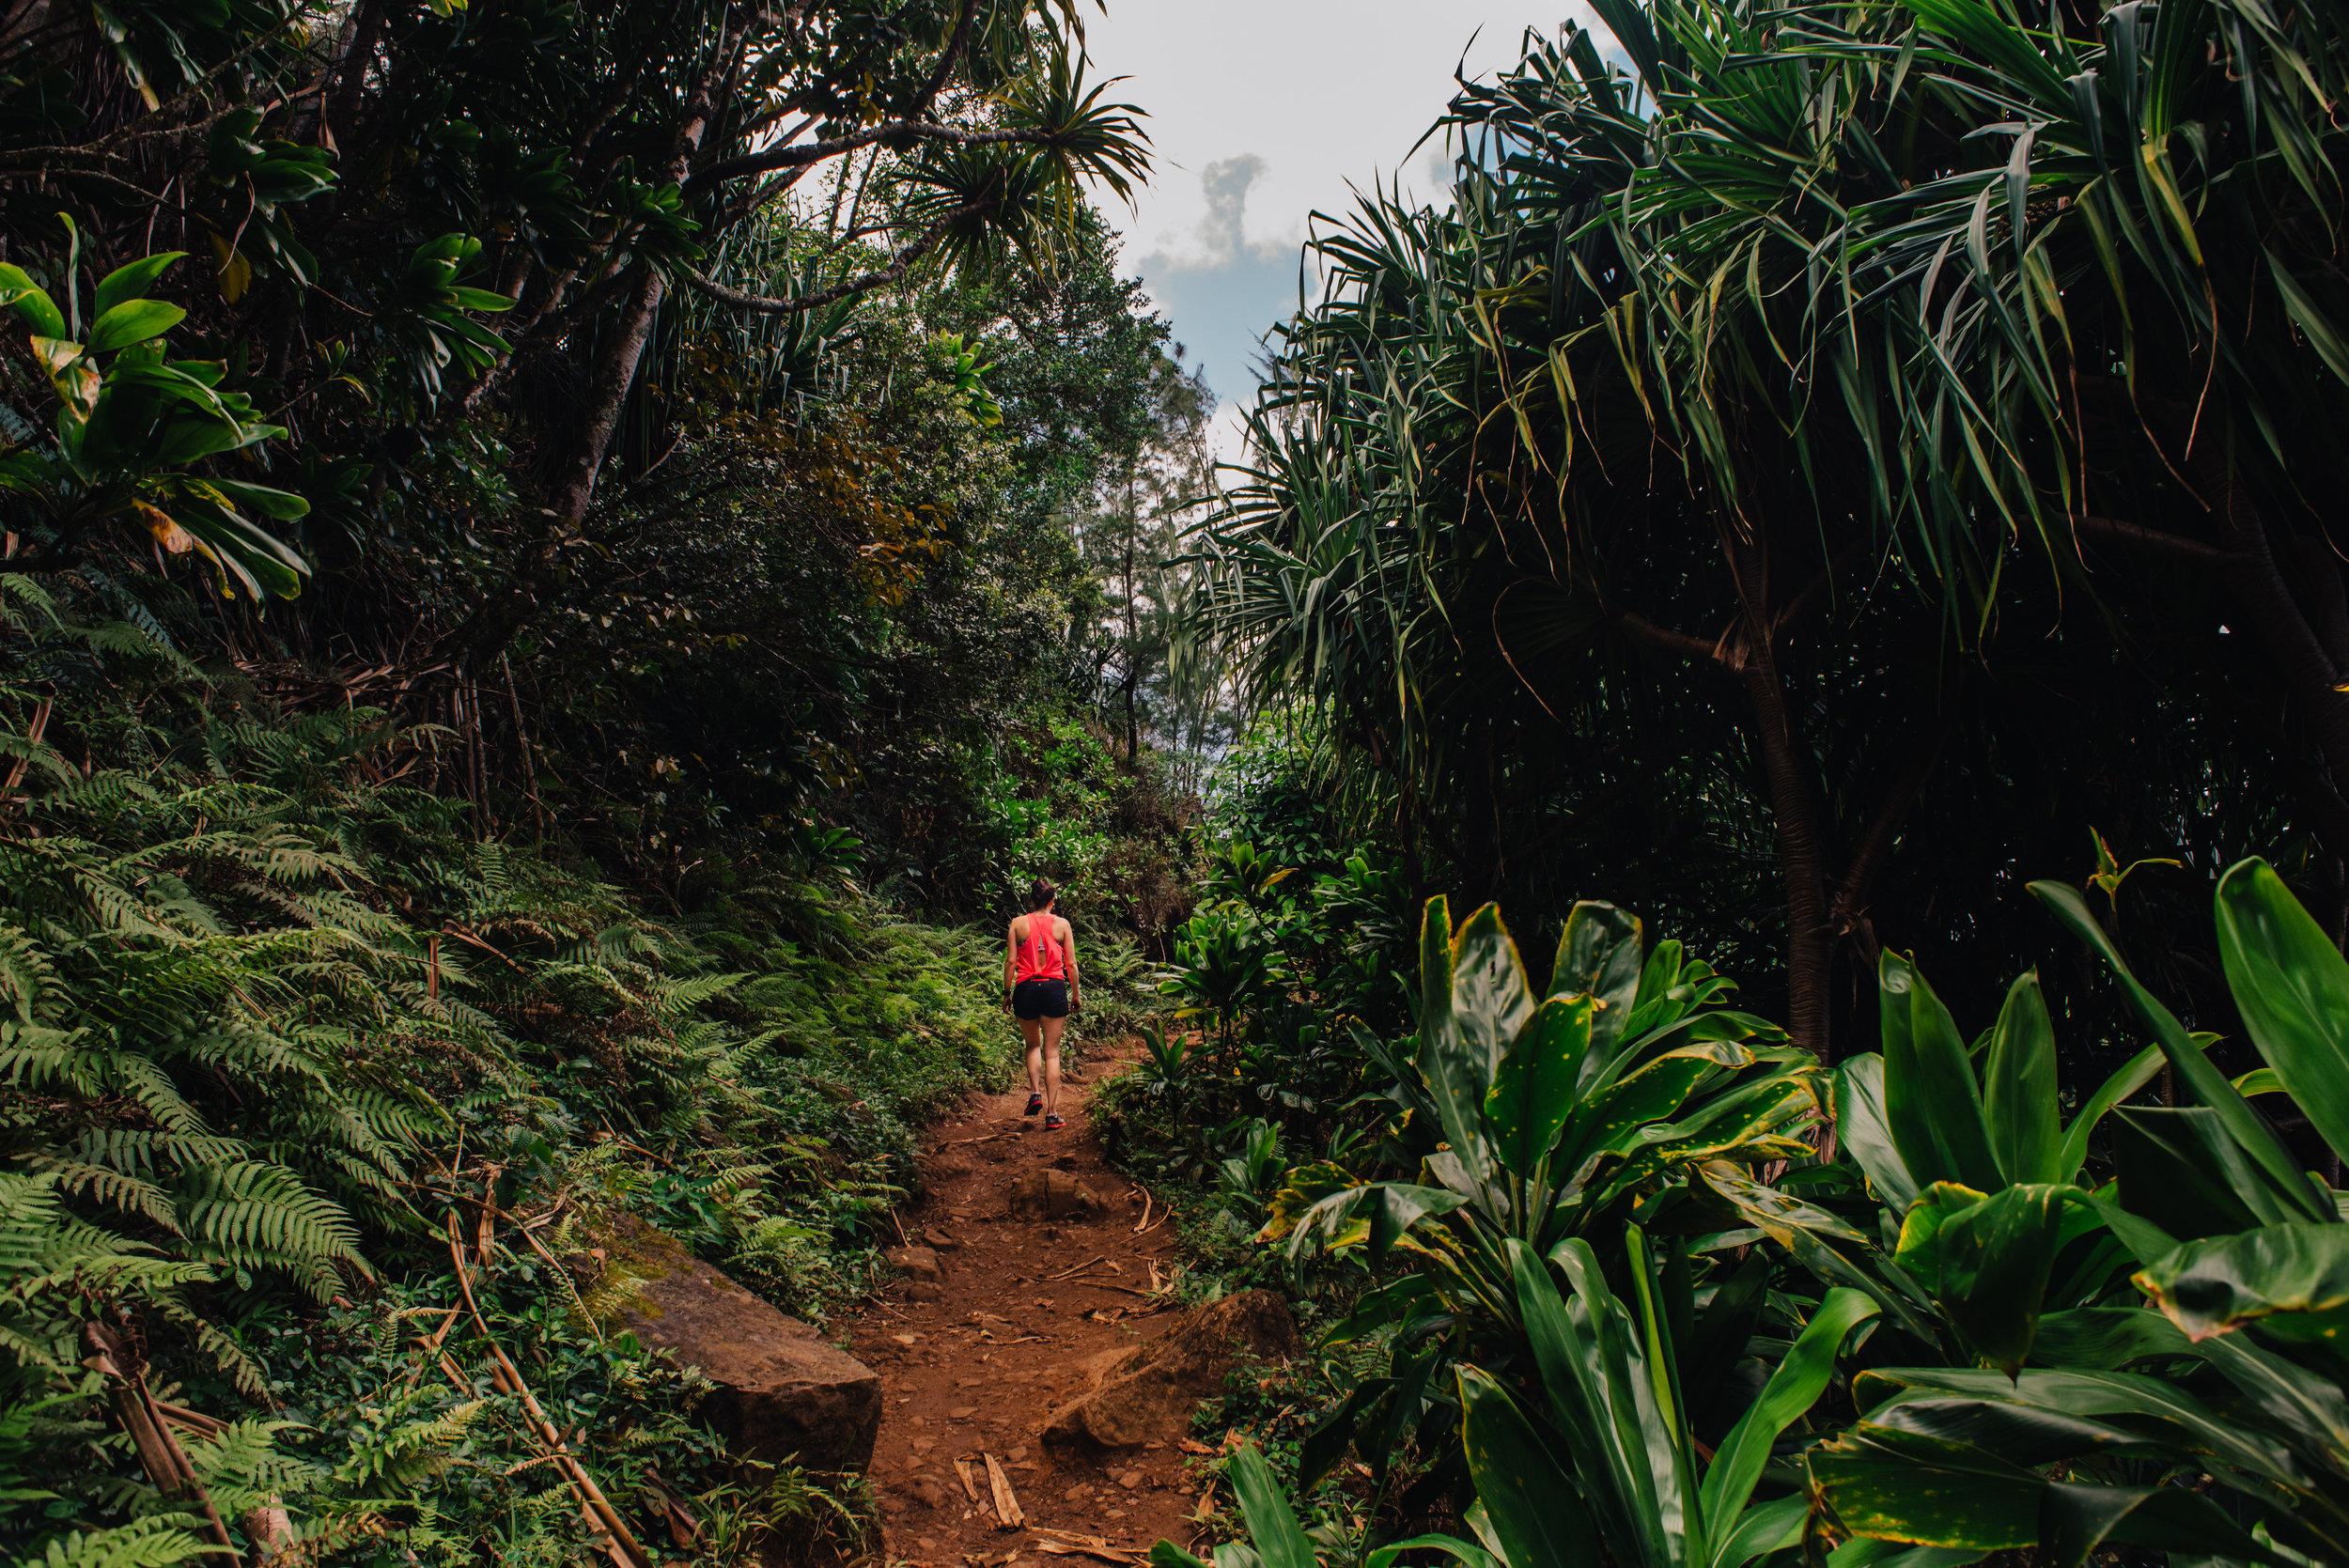 kauai2016-50-2.jpg